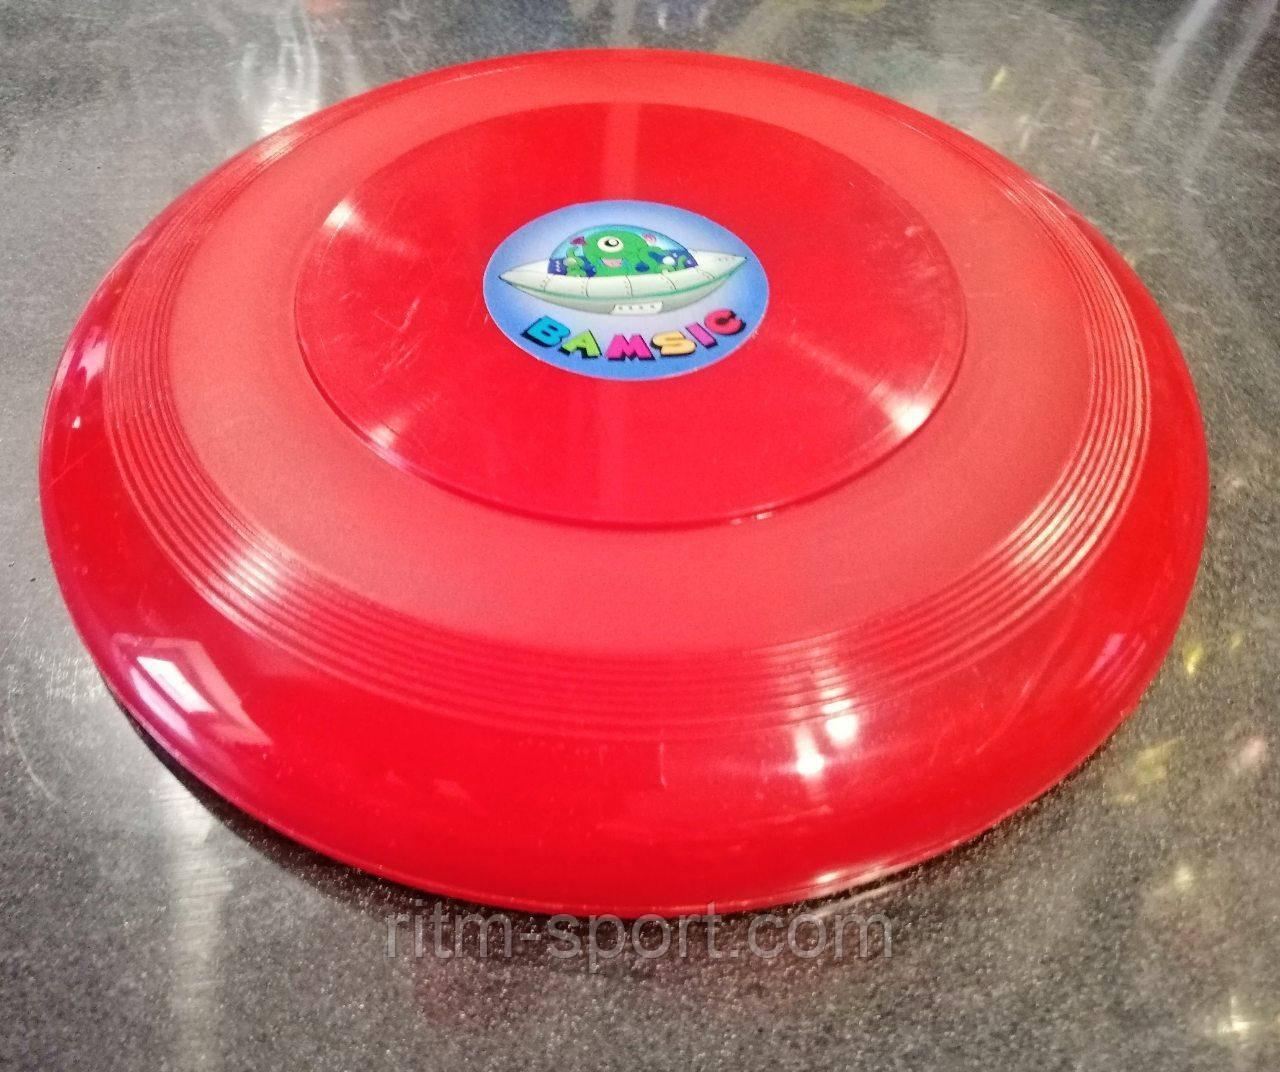 Летающая тарелка (Фрисби) 21,5 см